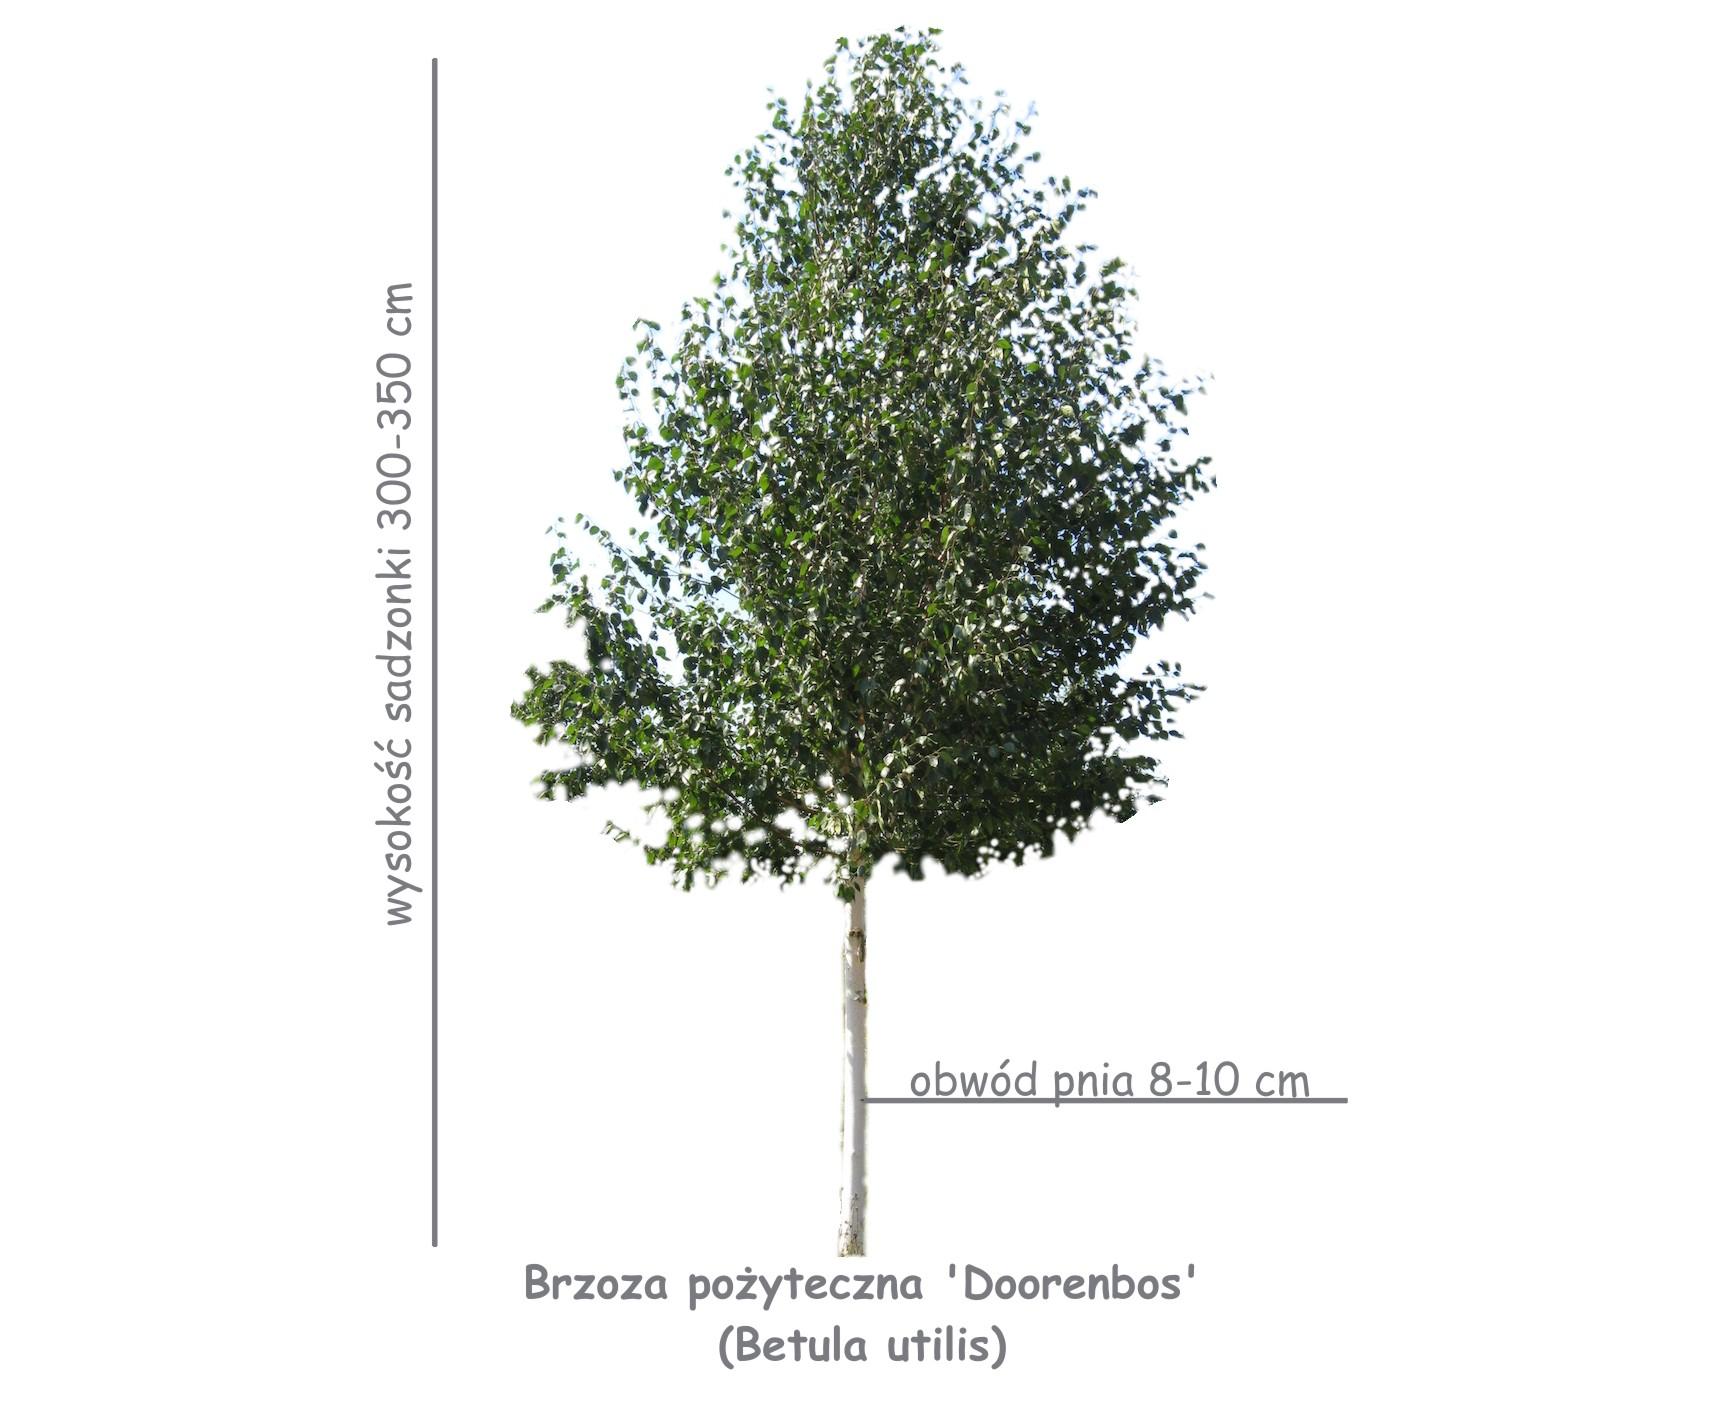 Brzoza pożyteczna 'Doorenbos' sadzonka o obwodzie 8-10 cm